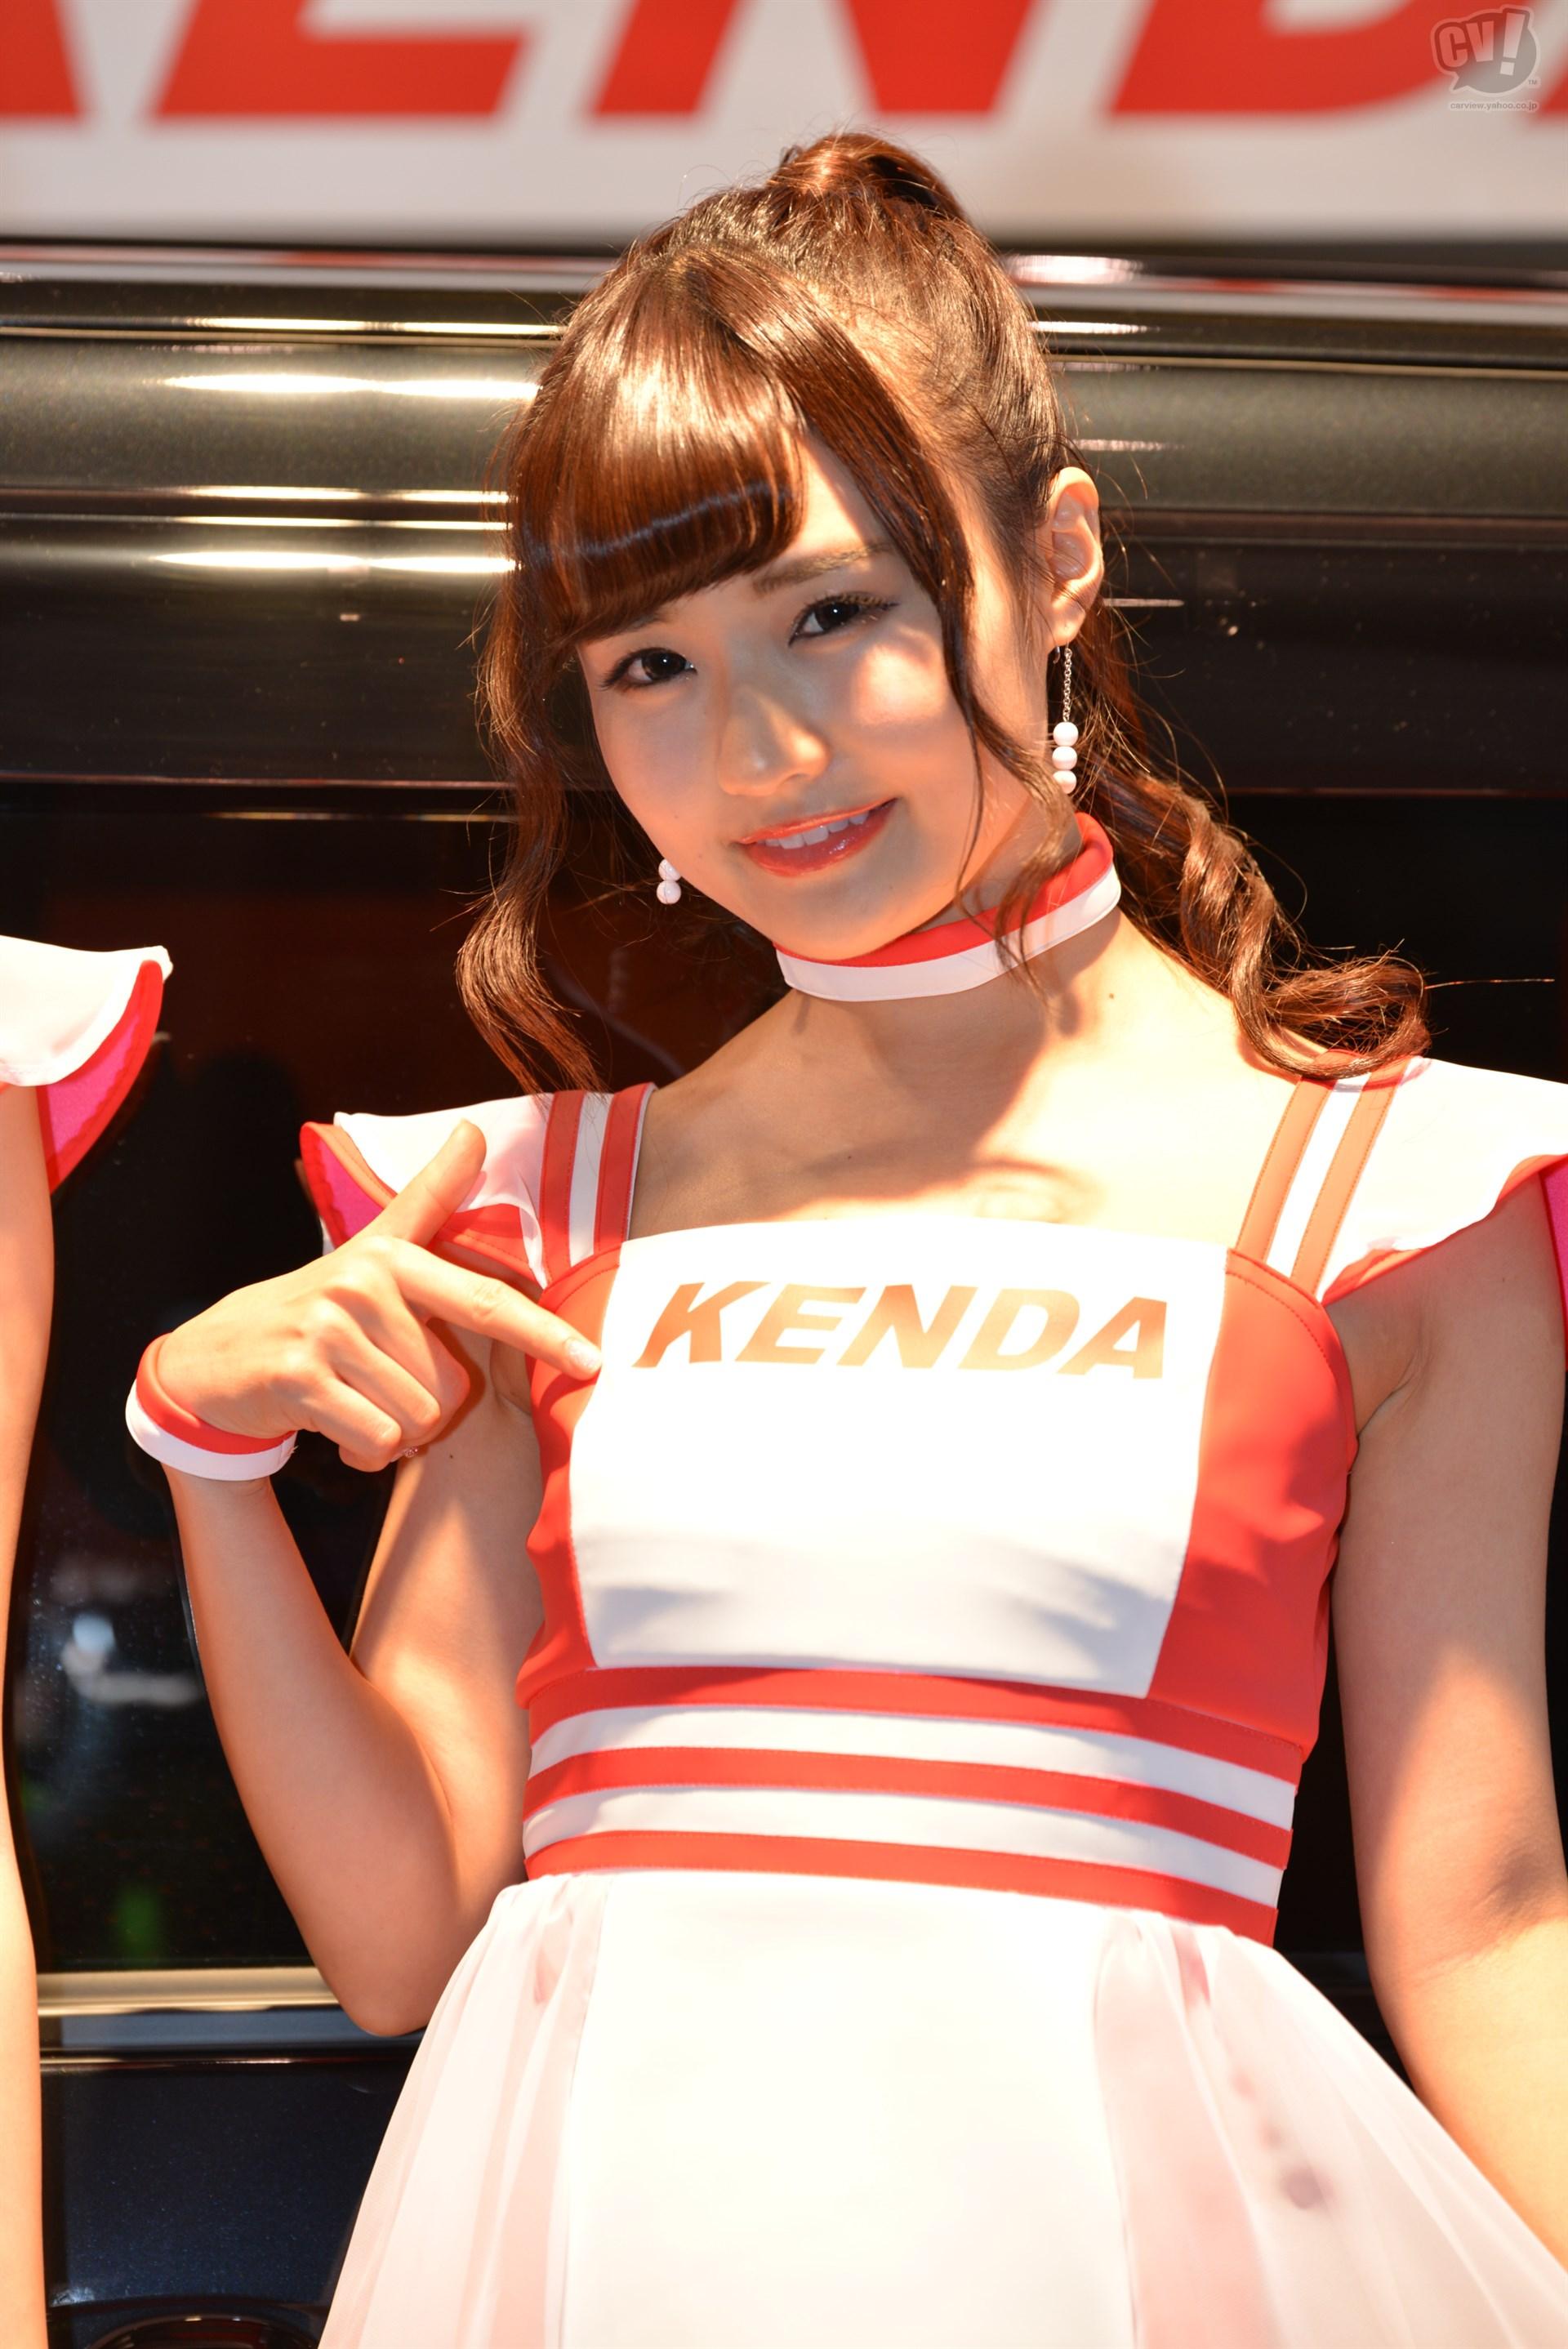 株式会社アップガレージ/KENDA TIRES Vol.2 (中村奏絵さん)